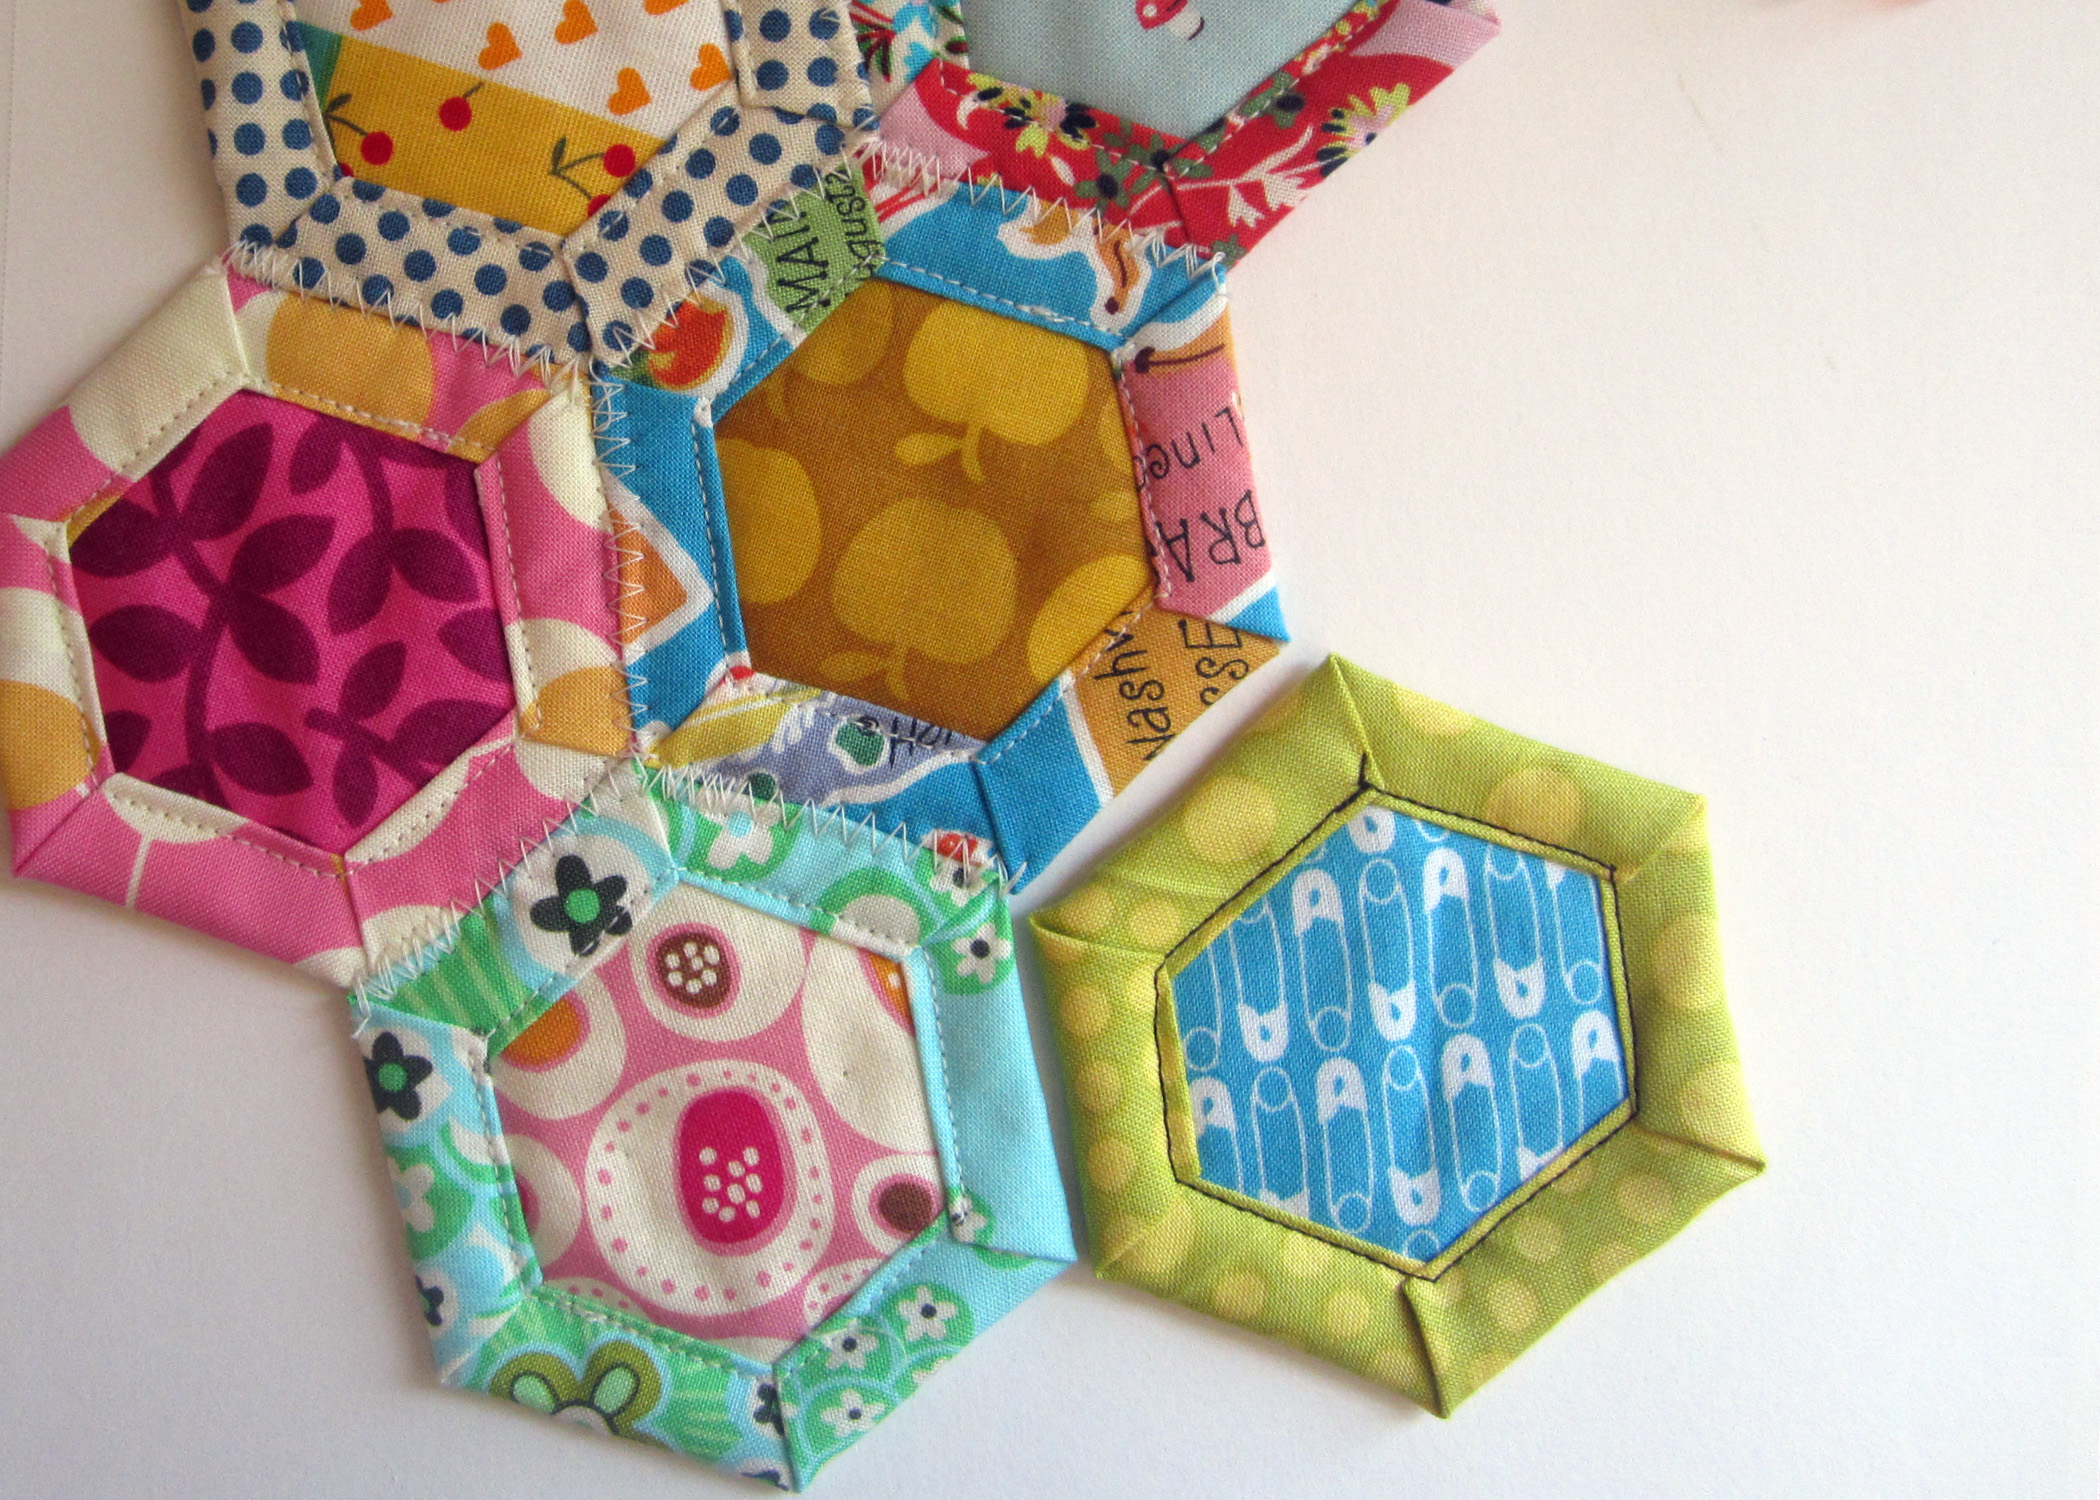 Tutoriales de patchwork hex gonos acolchados - Acolchados en patchwork ...